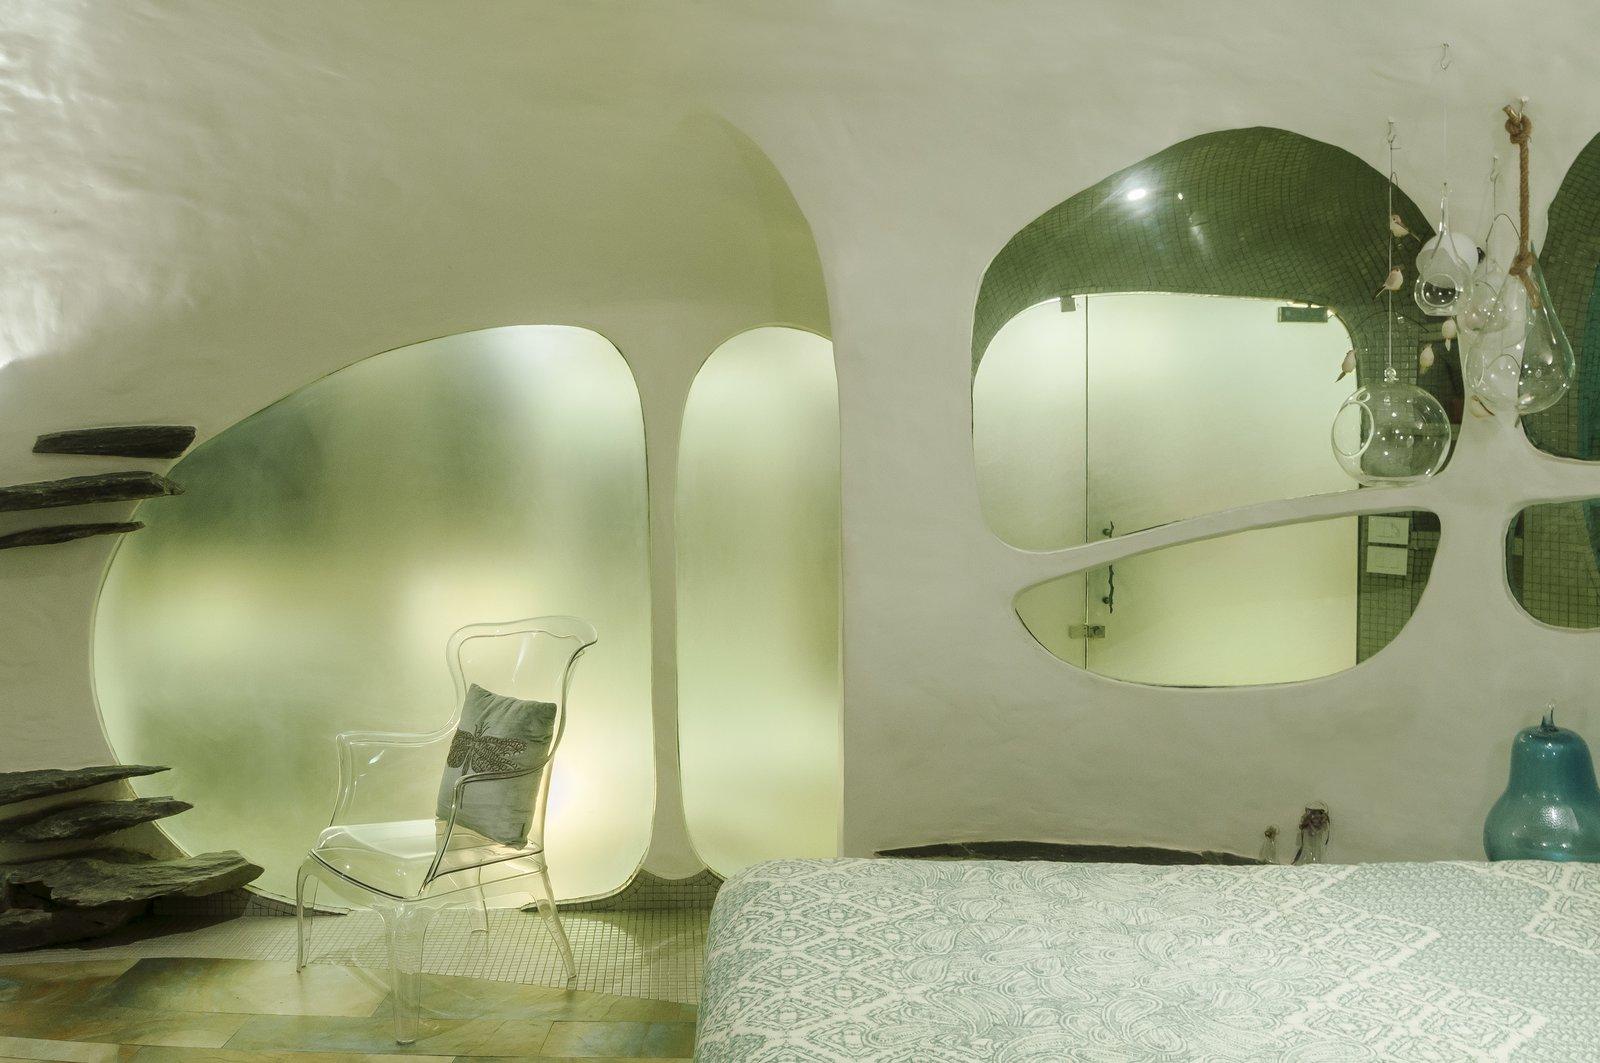 Furnitur yang tidak mengganggu flow ruangan (Sumber: dwell.com)